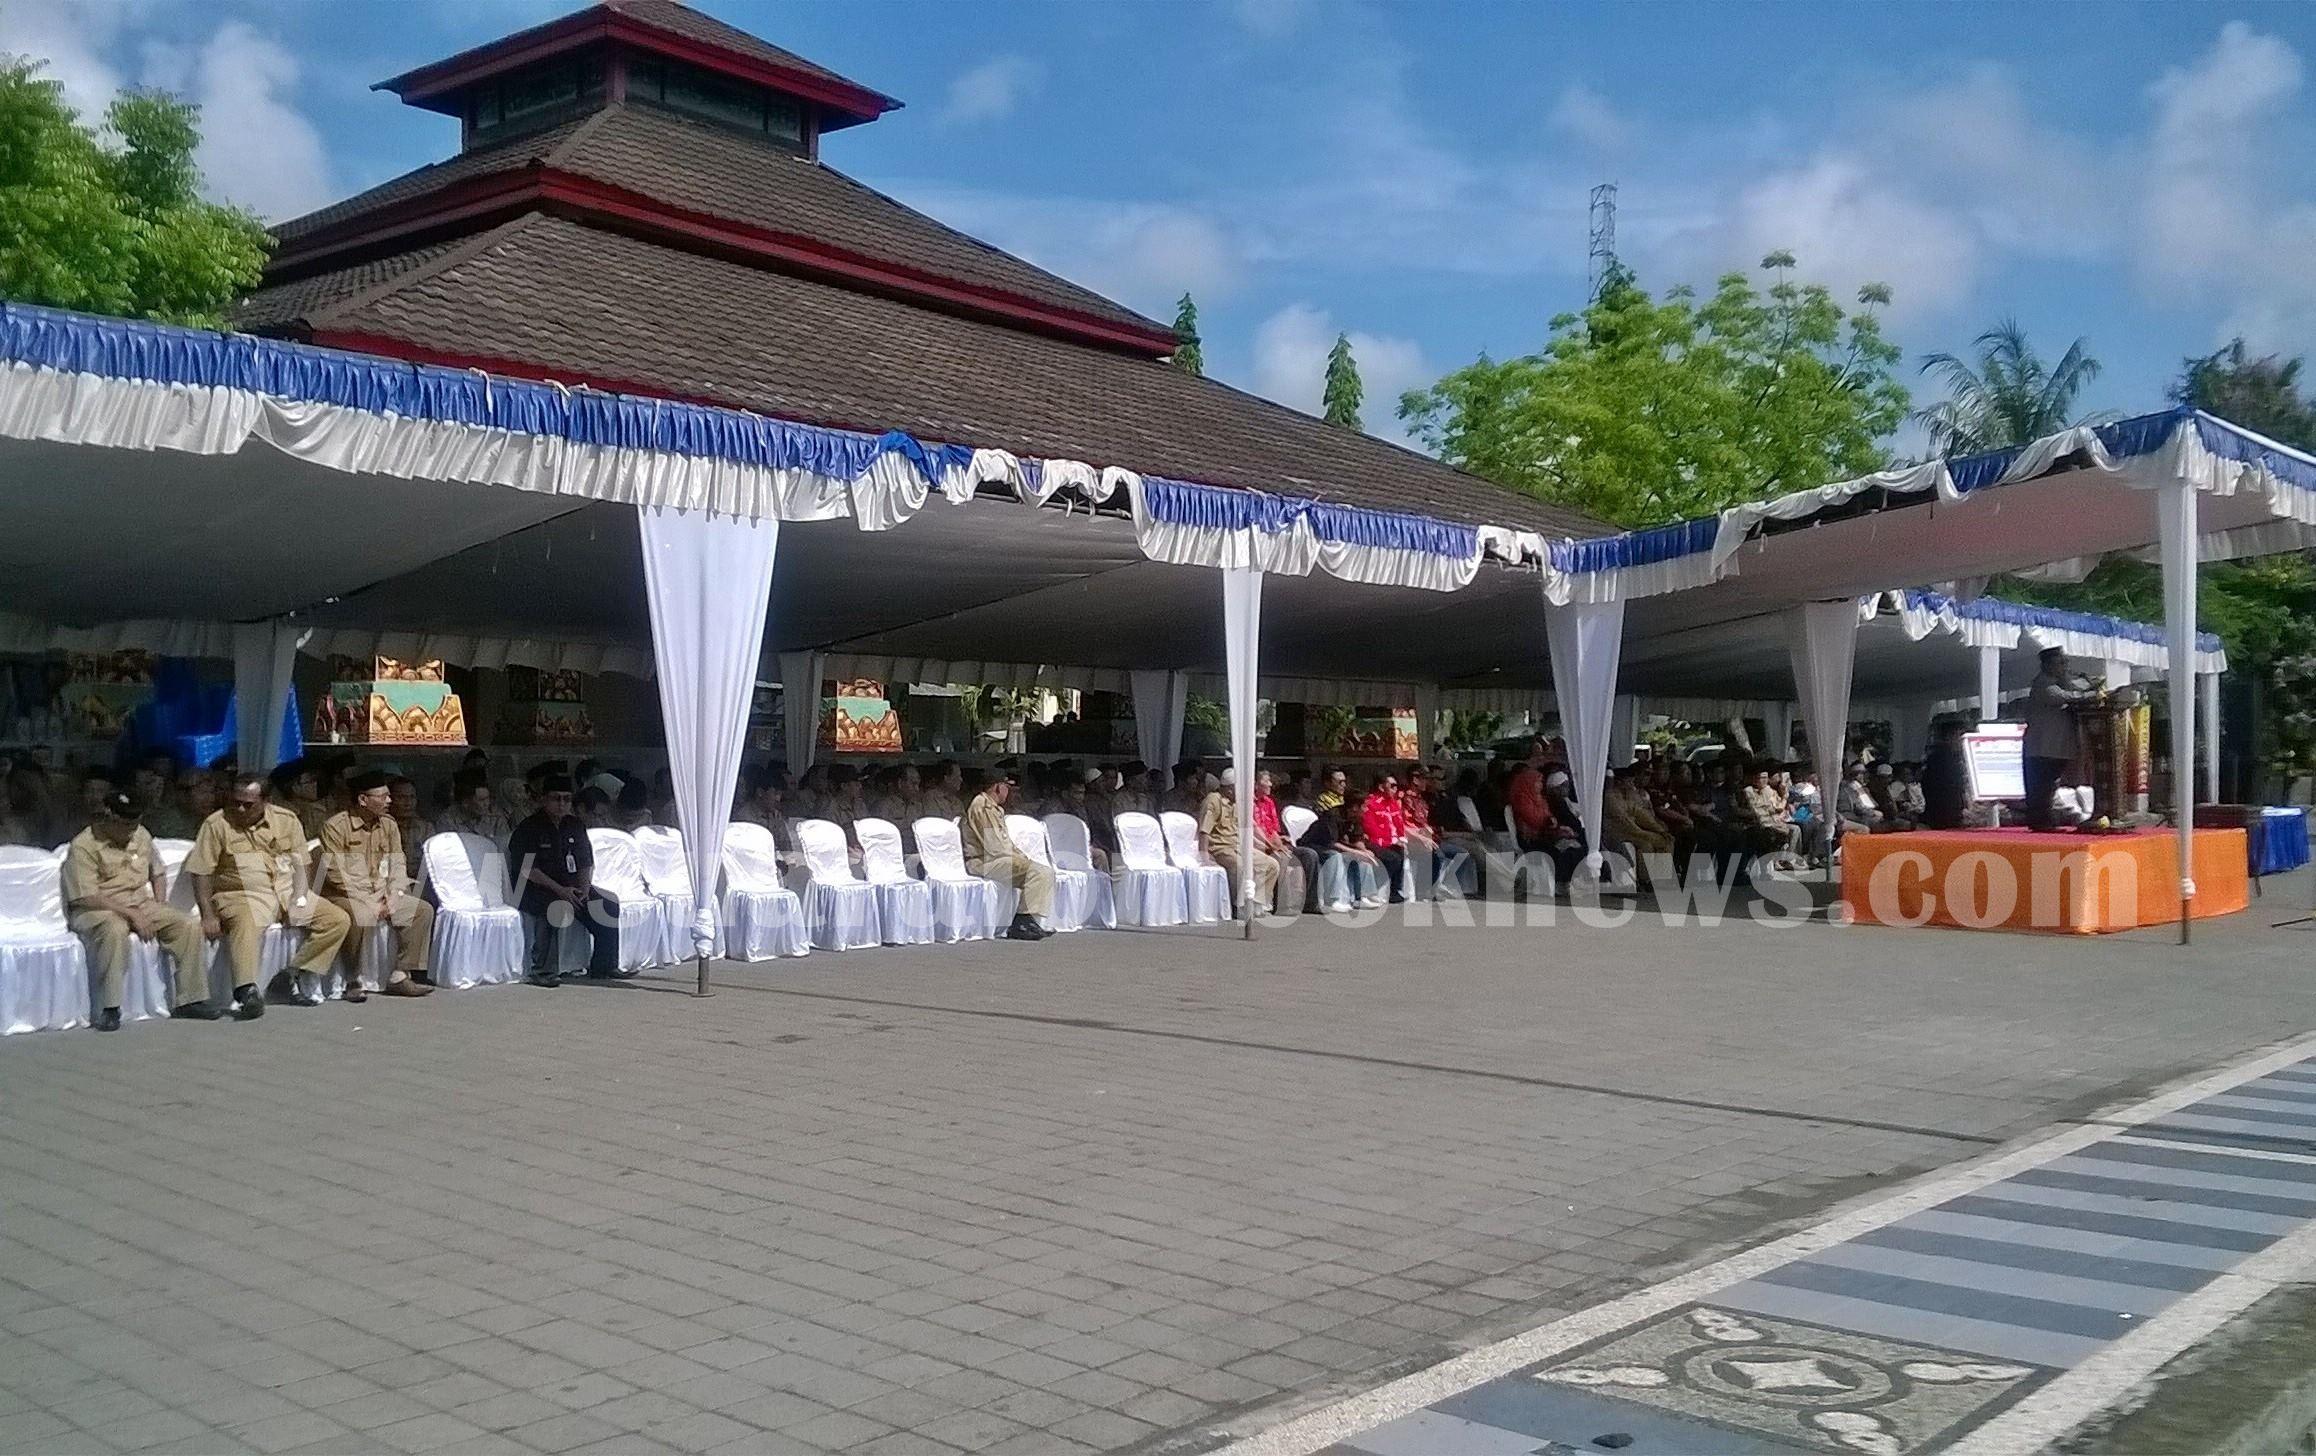 Upacara Besar Kebinekaan Cinta Damai di Lombok Tengah Berlangsug Khidmad